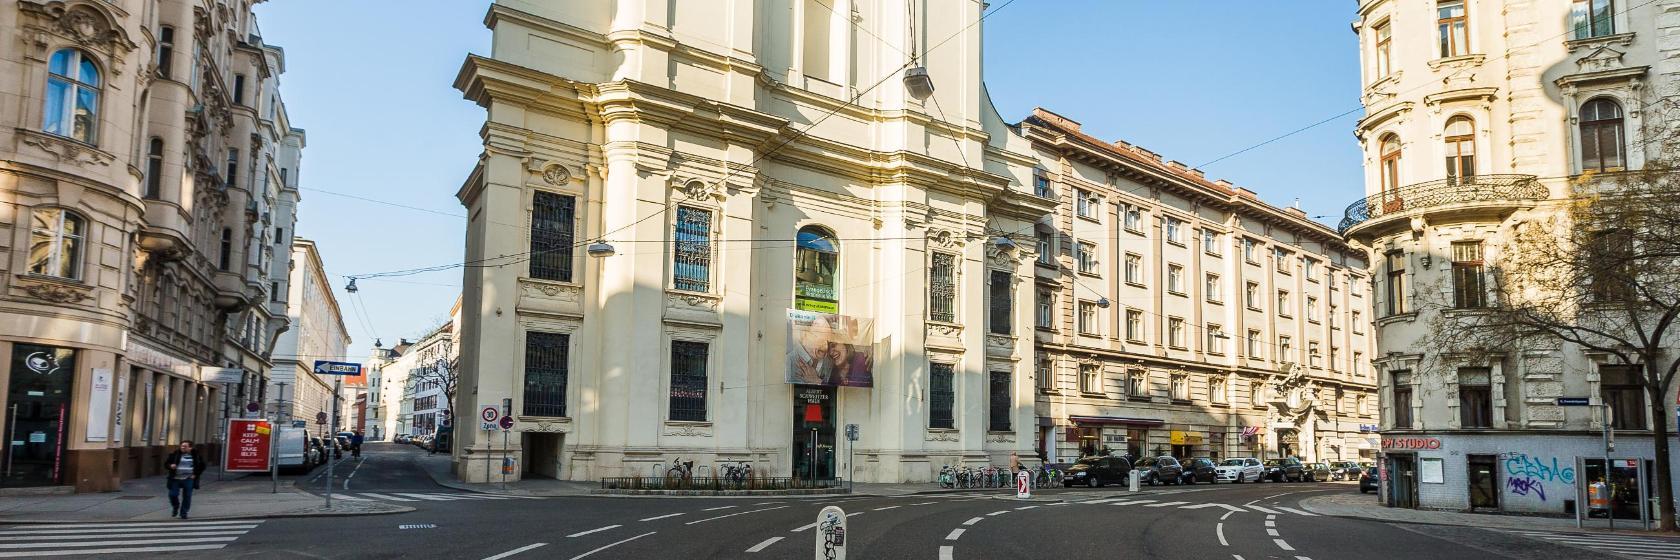 09. Alsergrund, Vienna Hotels